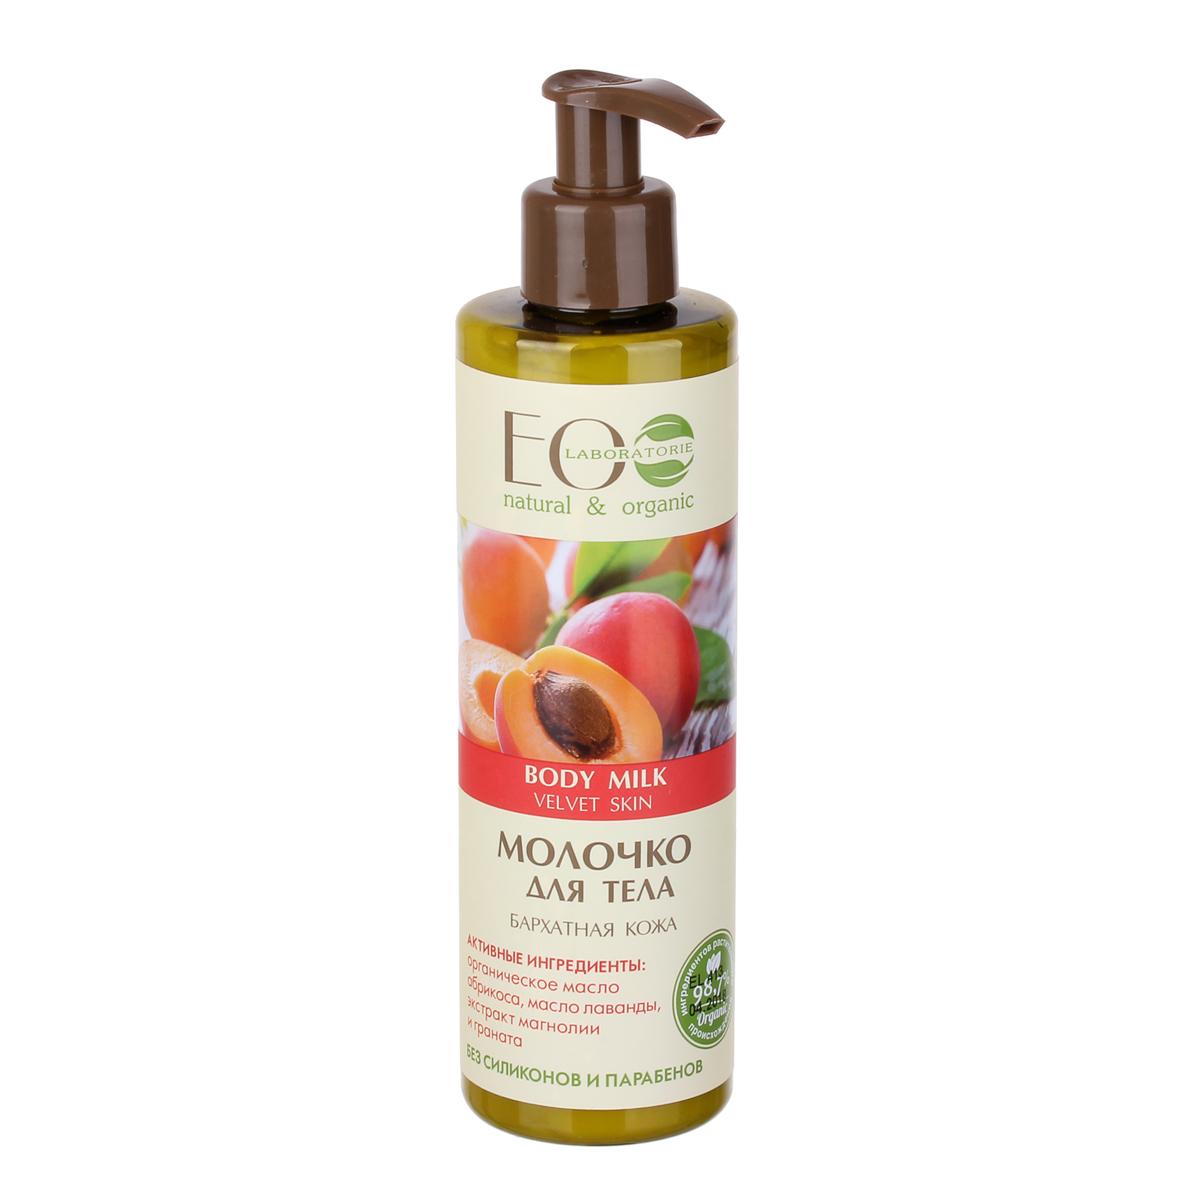 EcoLab ЭкоЛаб Молочко для тела Бархатная кожа 250 мл4071-6Способствует поддержанию молодости кожи, ее обновлению и восстановлению. Увлажняет, смягчает кожу, делает её шелковистой, препятствует обезвоживанию, нейтрализует вредное воздействие ультрафиолетовых лучей.Активные ингредиенты: органическое масло абрикоса, масло лаванды, экстракт магнолии и граната